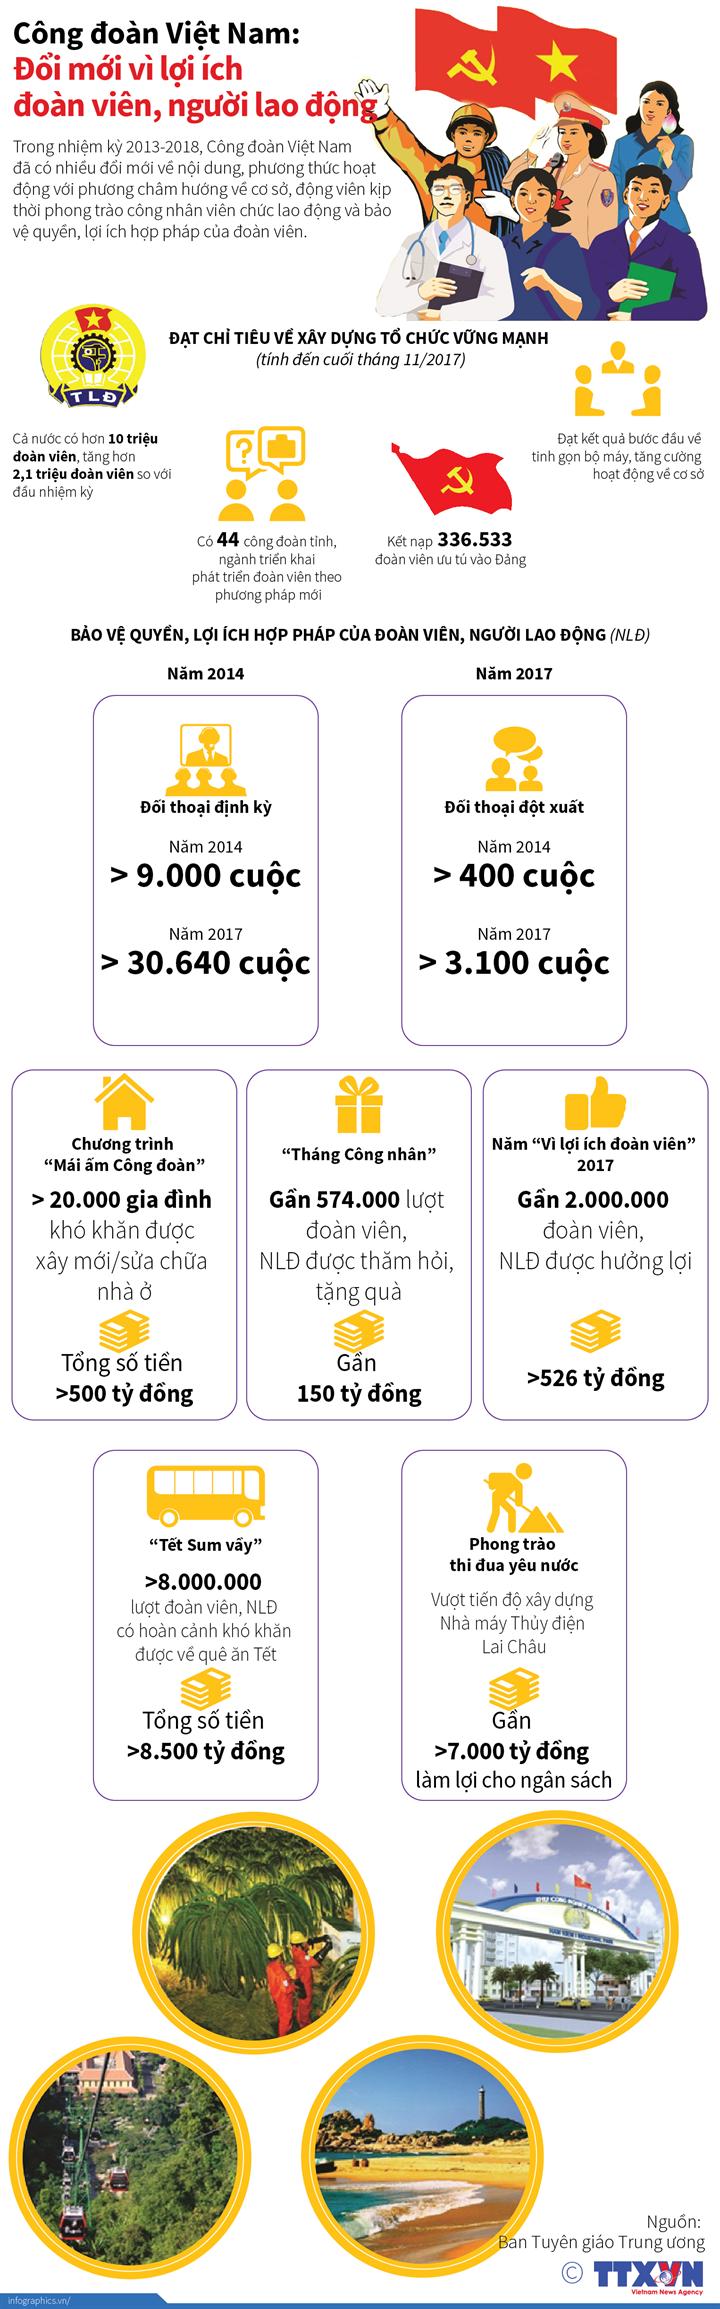 Công đoàn Việt Nam:  Đổi mới vì lợi ích đoàn viên, người lao động